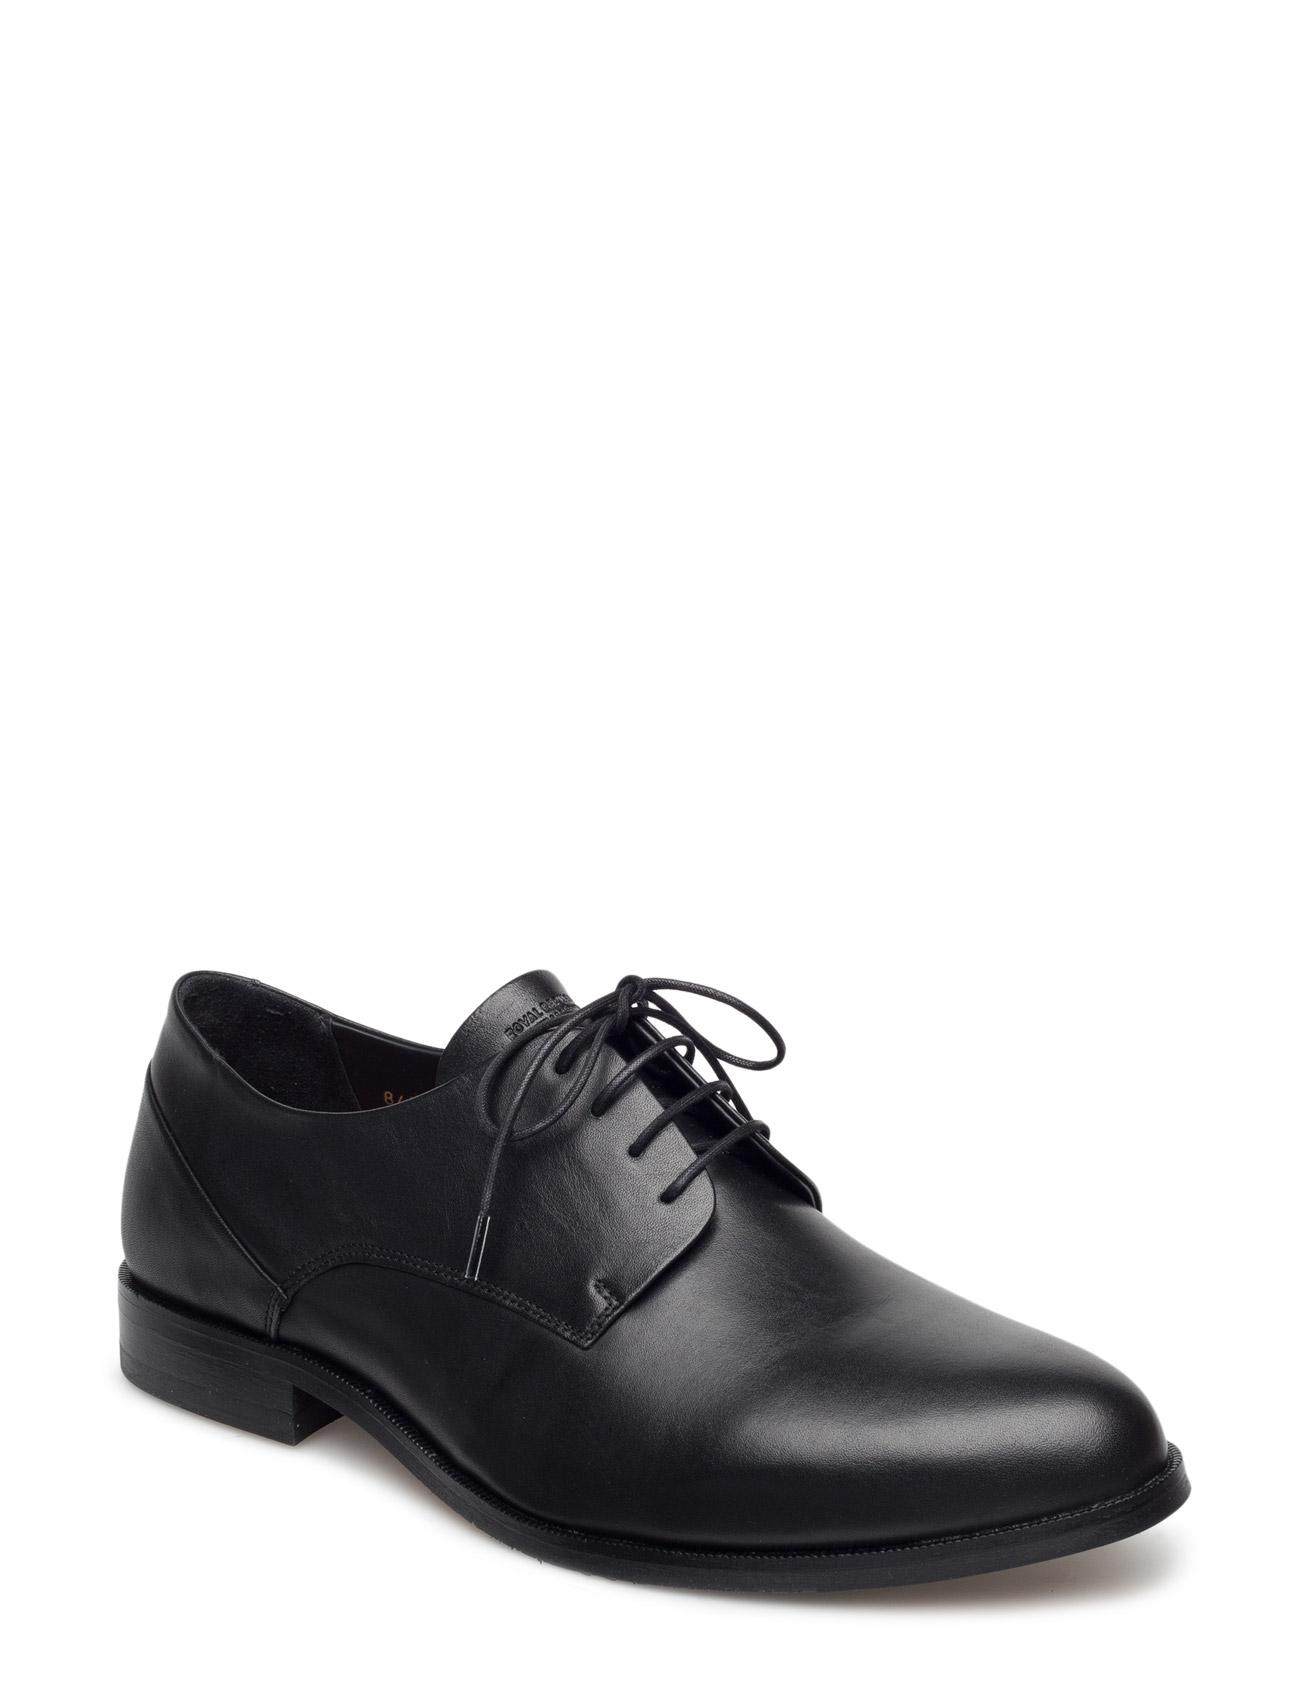 Border Derby Shoe Men Royal RepubliQ Sko til Mænd i Sort